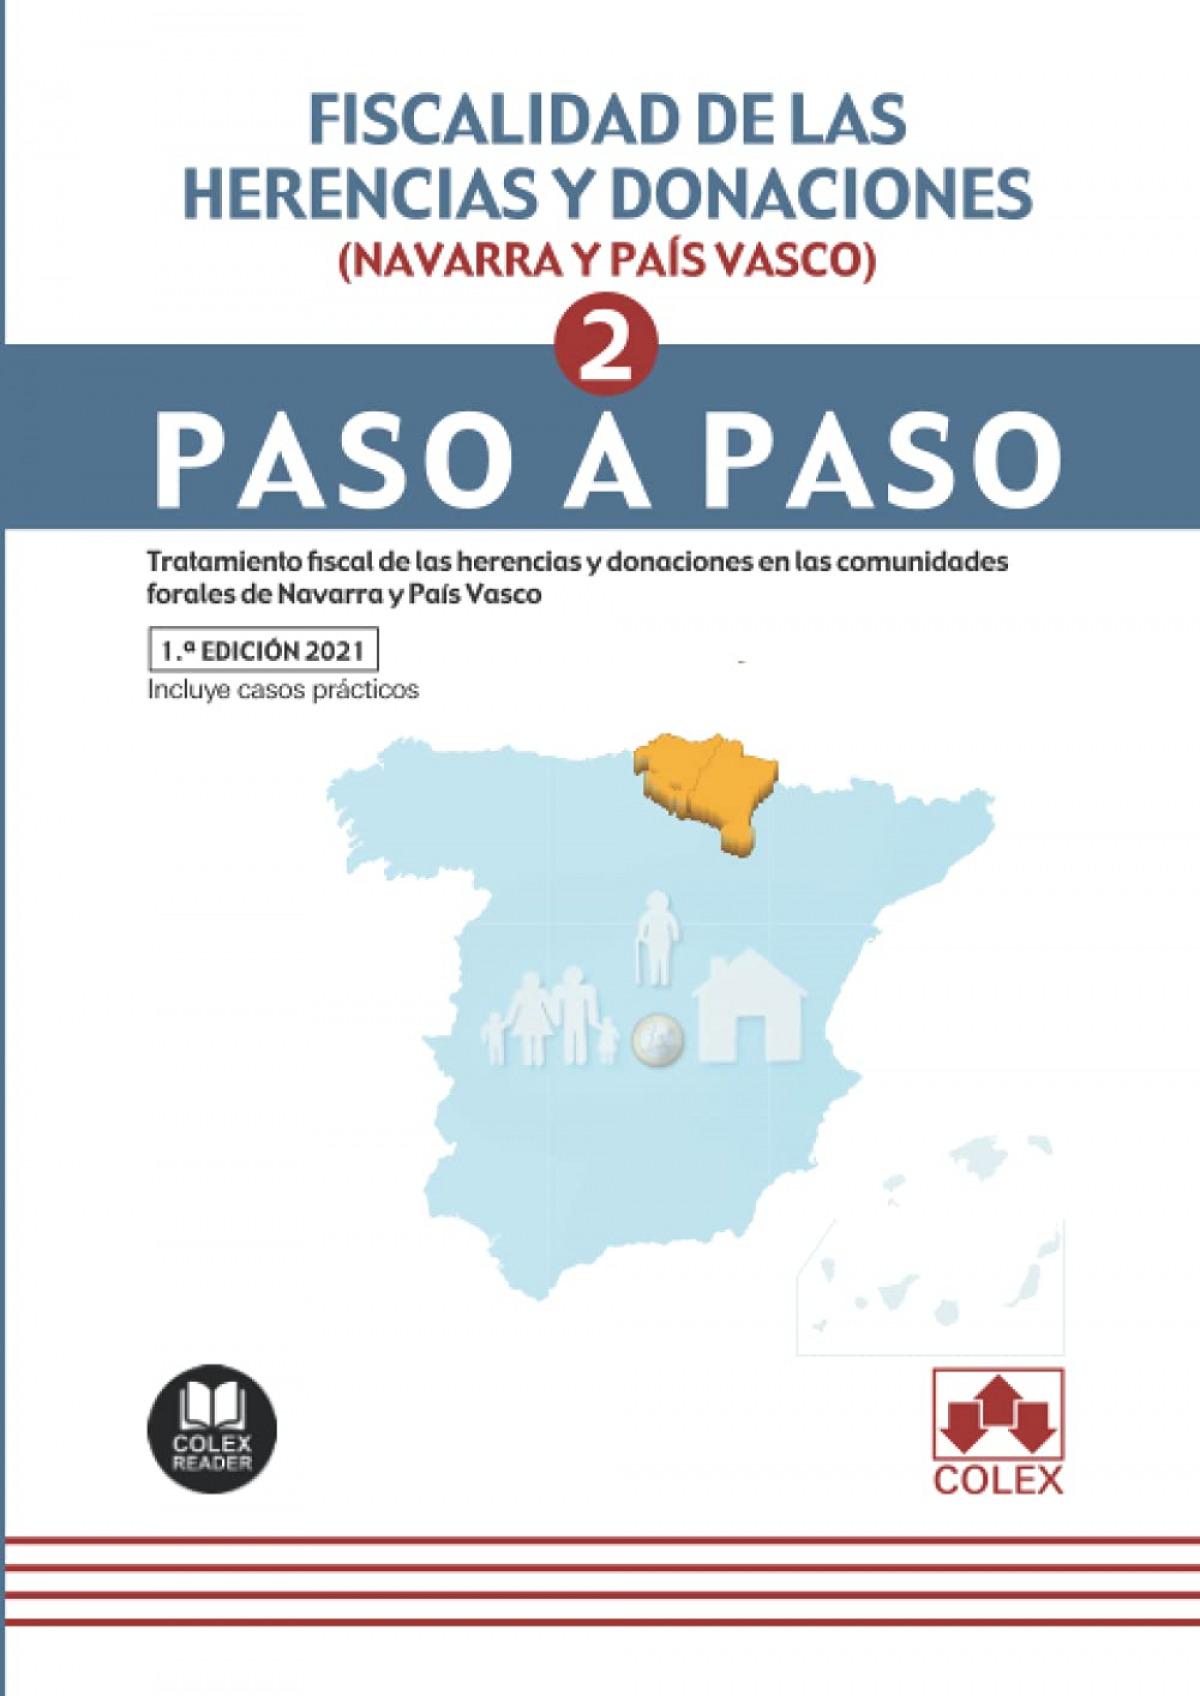 FISCALIDAD DE LAS HERENCIAS Y DONACIONES (NAVARRA Y PAIS VASCO) (2)